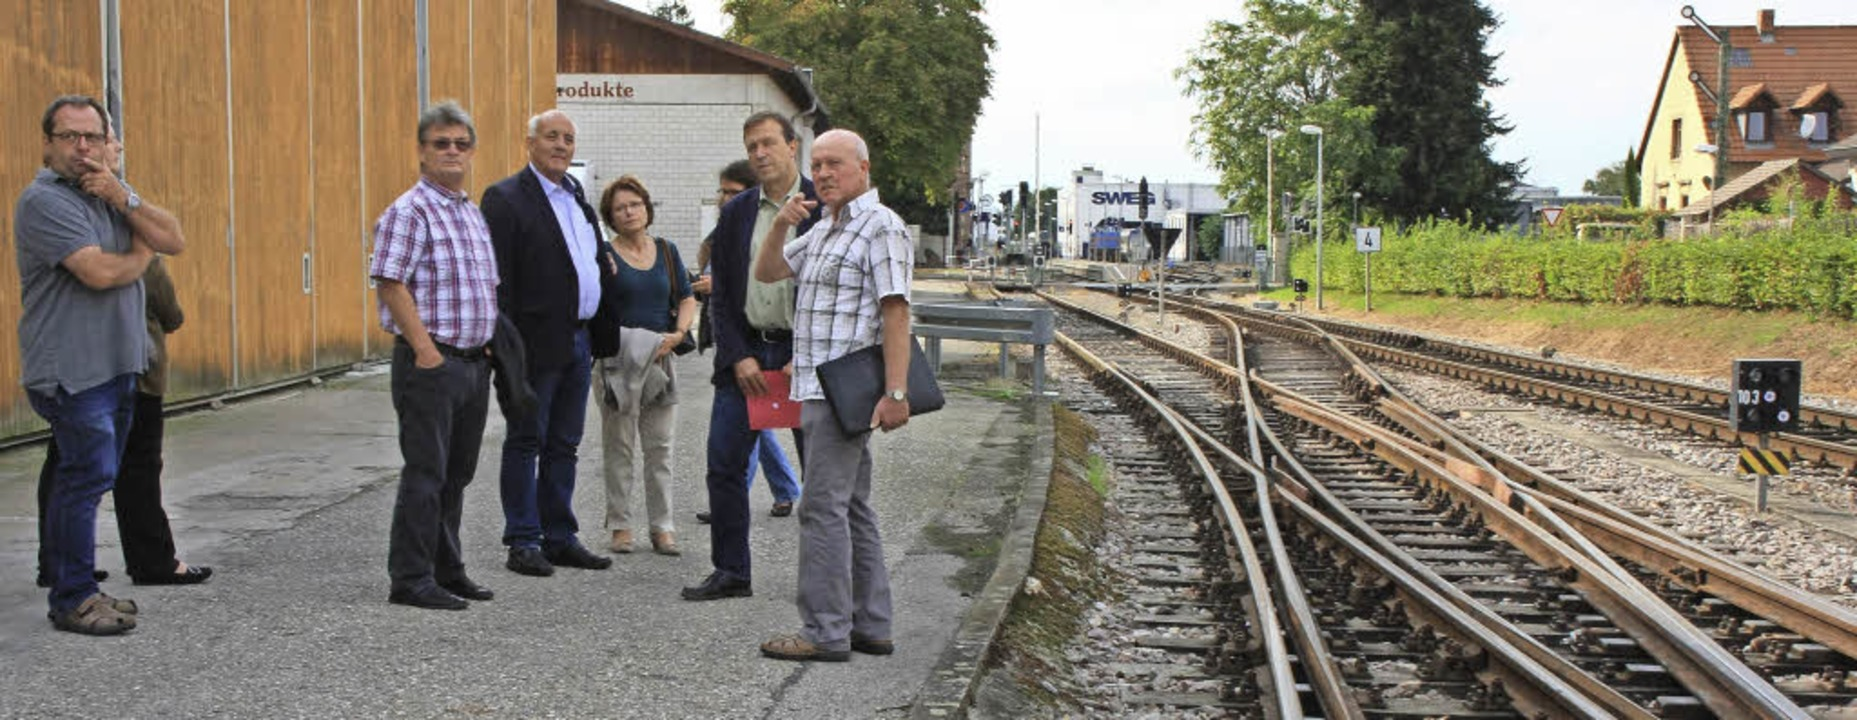 Ortstermin mit dem Lärmschutzbeauftrag...ks) am Freitag am Bahnhof in Endingen.  | Foto: Martin Wendel